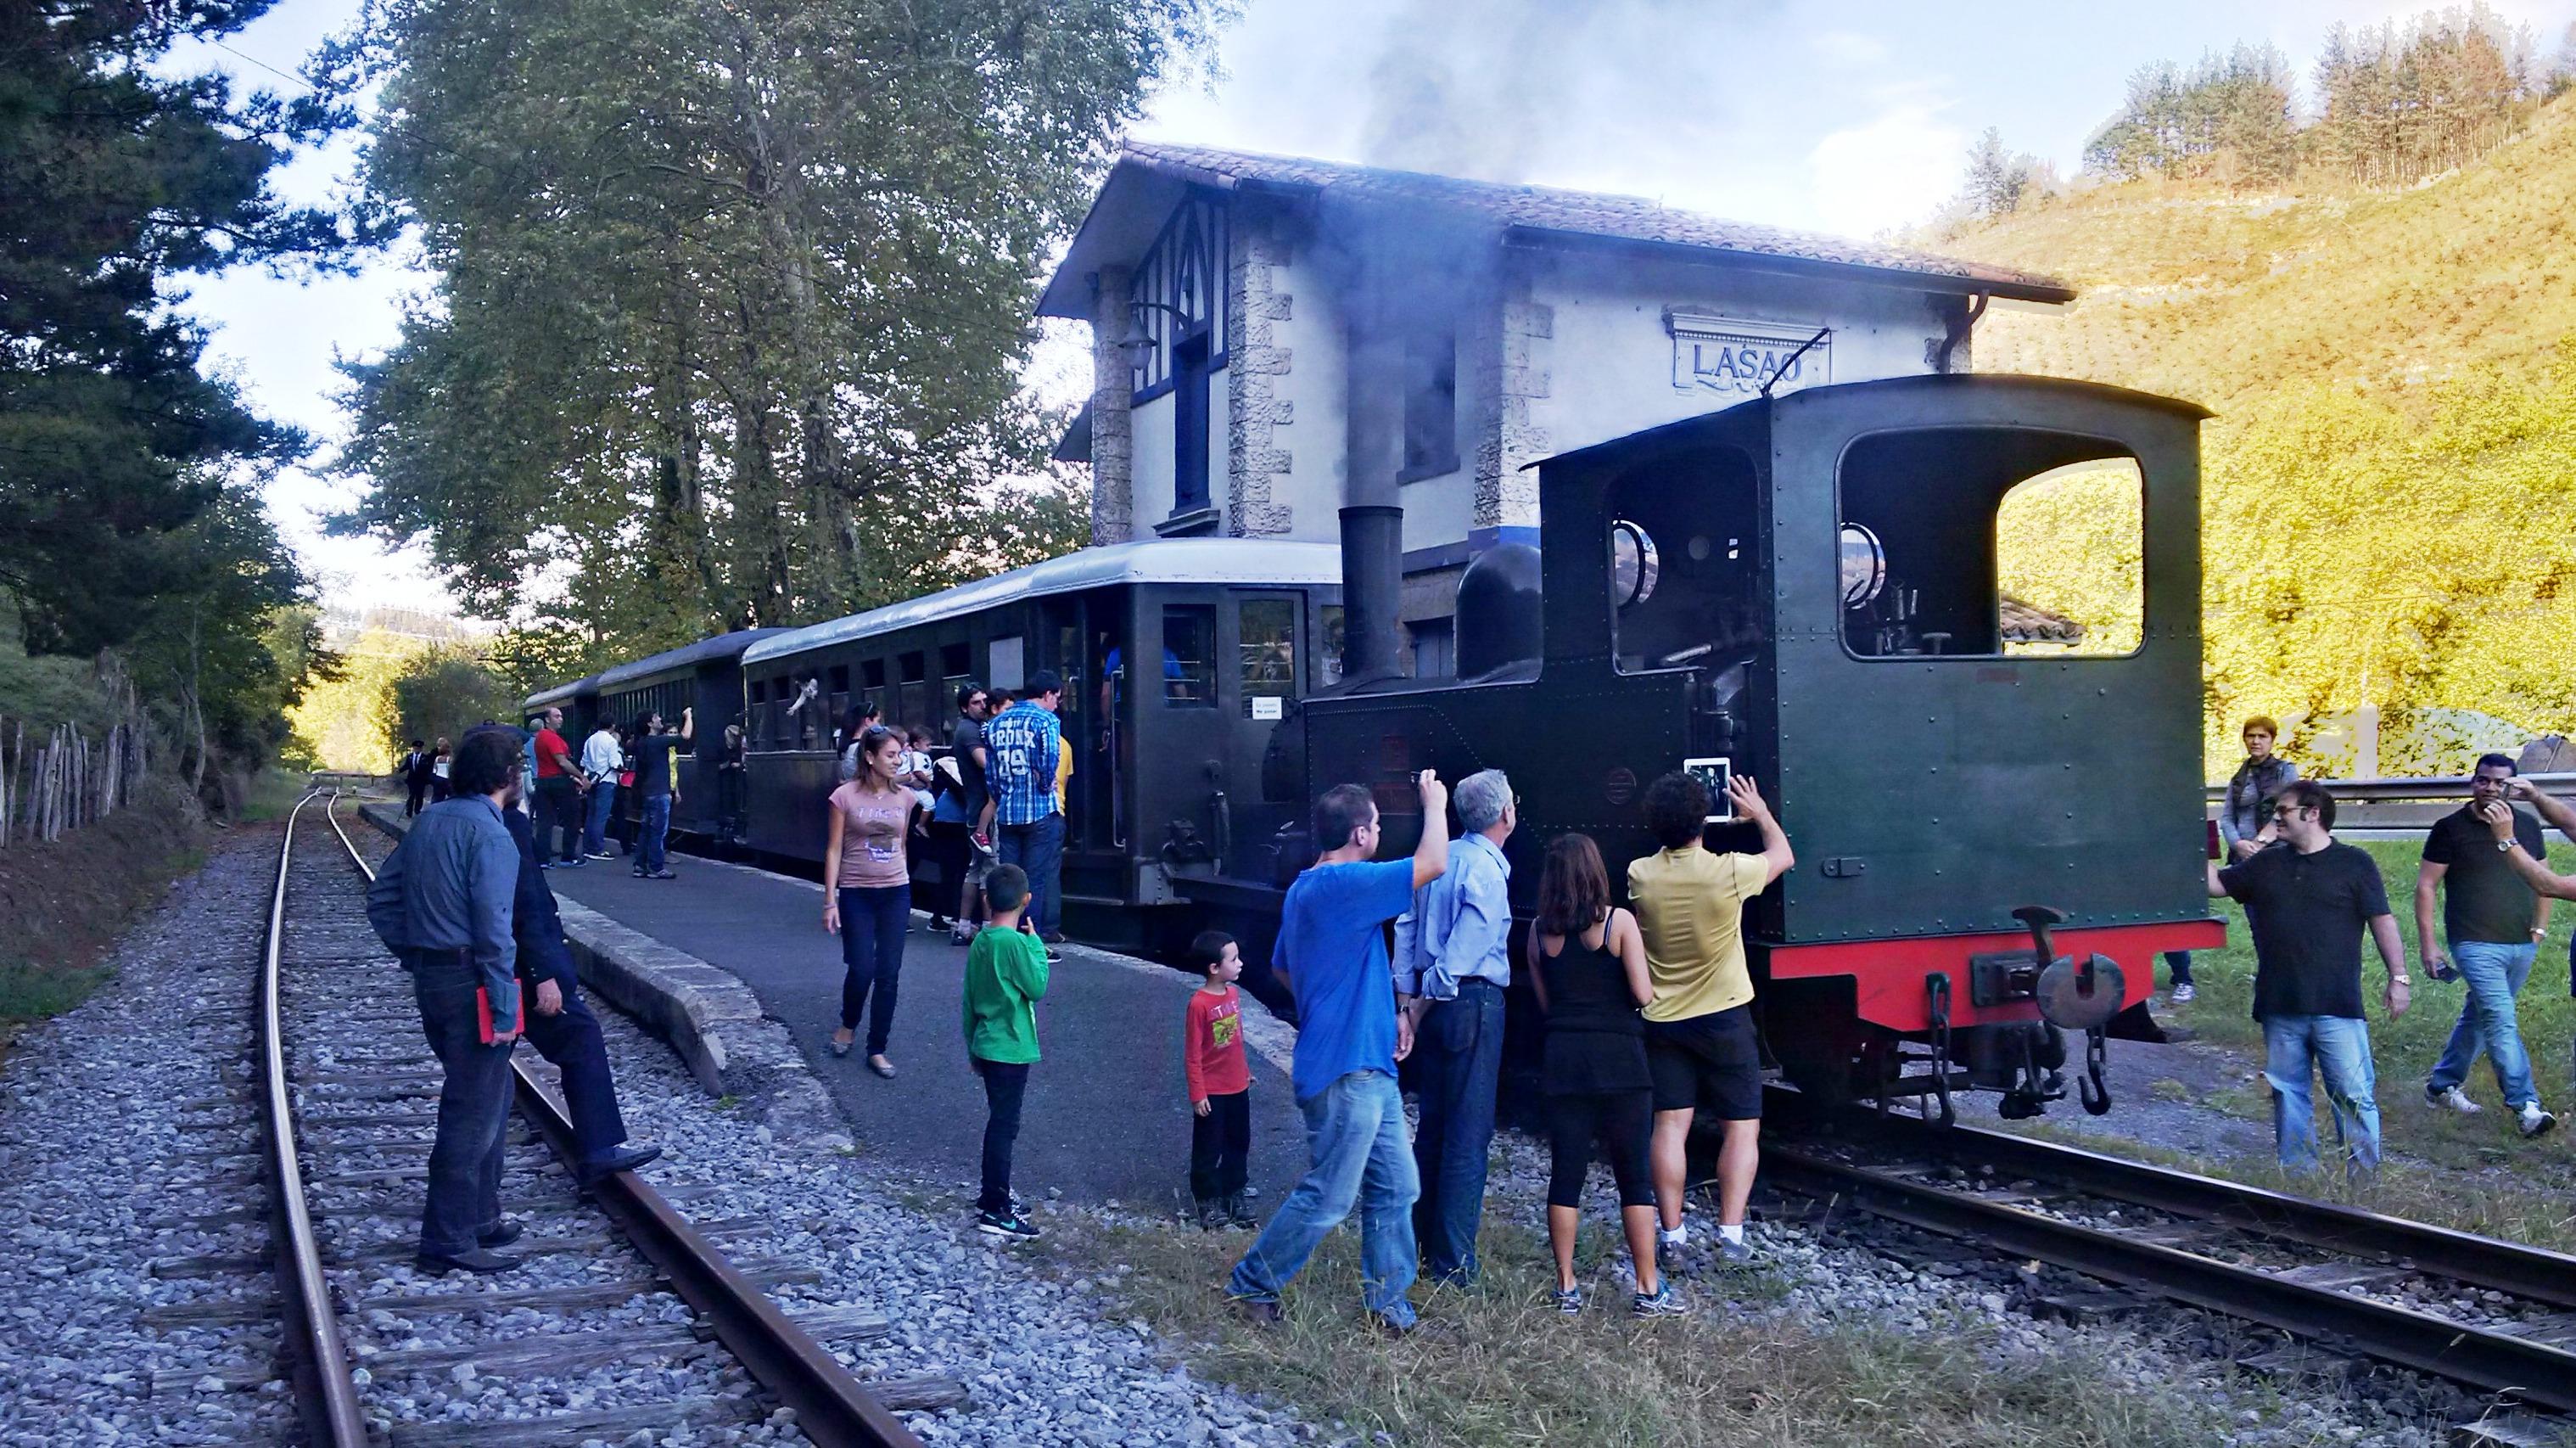 XXI_Aniversario_Museo_tercer_tren_Zugastieta.jpg